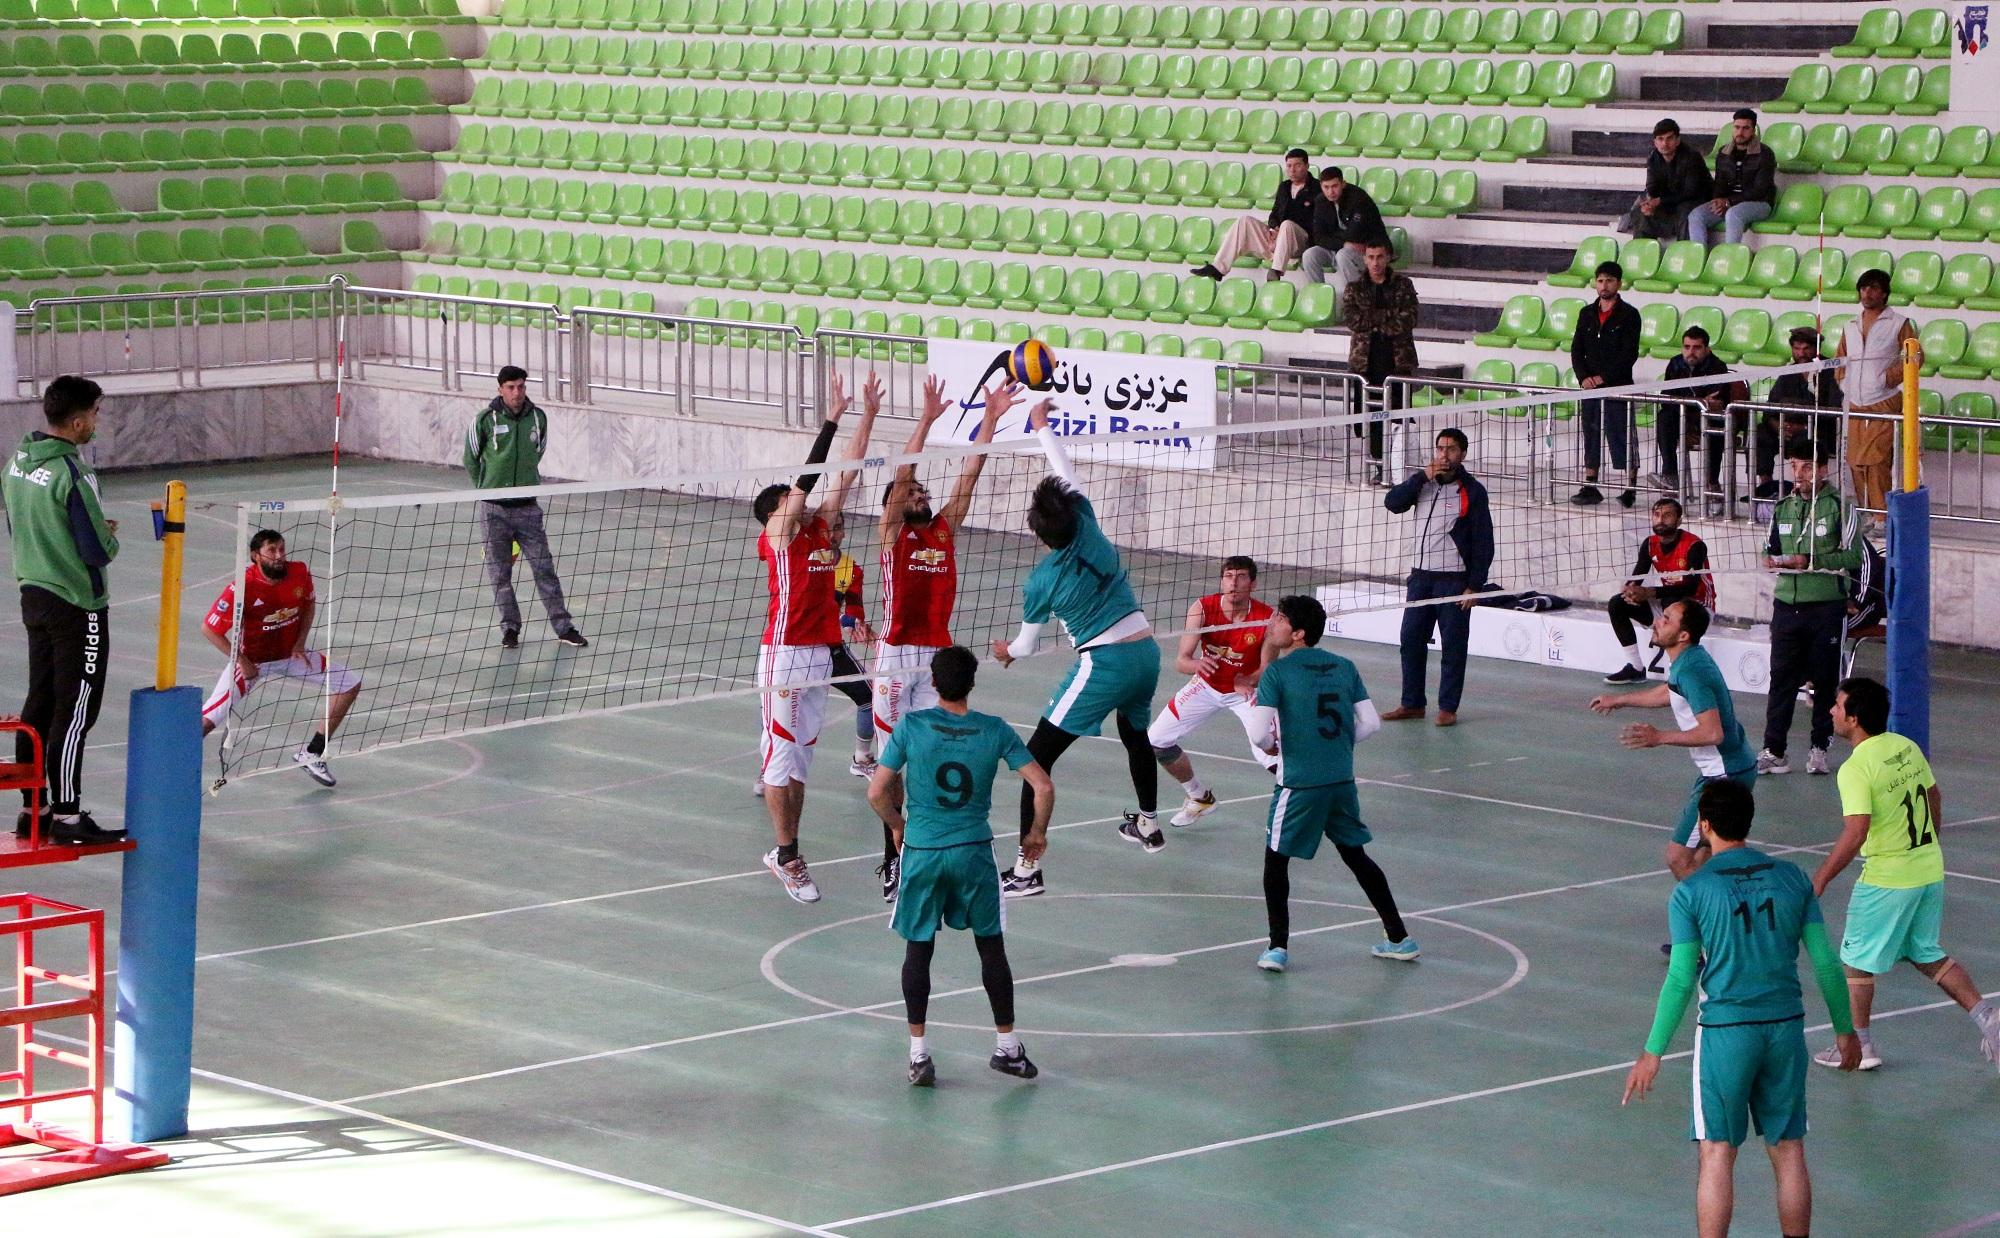 مسابقات جام قهرمانی و تیم های منتخب والیبال افغانستان امروز در کابل برگزار شد